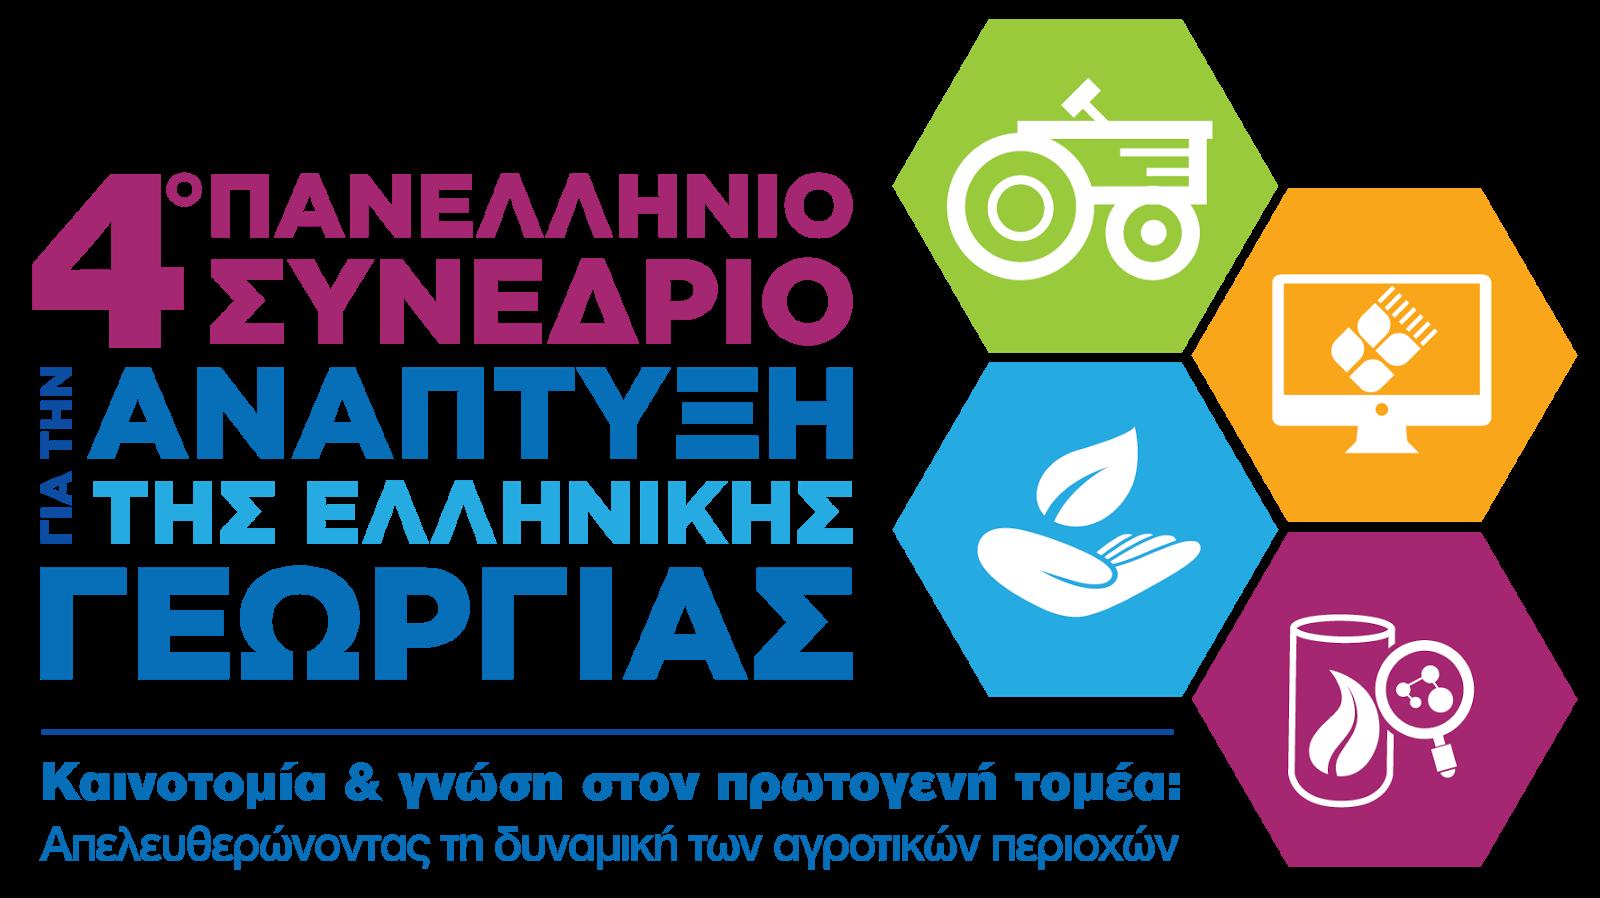 4ο ΠΑΝΕΛΛΗΝΙΟ ΣΥΝΕΔΡΙΟ για την Ανάπτυξη της Ελληνικής Γεωργίας από την GAIA ΕΠΙΧΕΙΡΕΙΝ